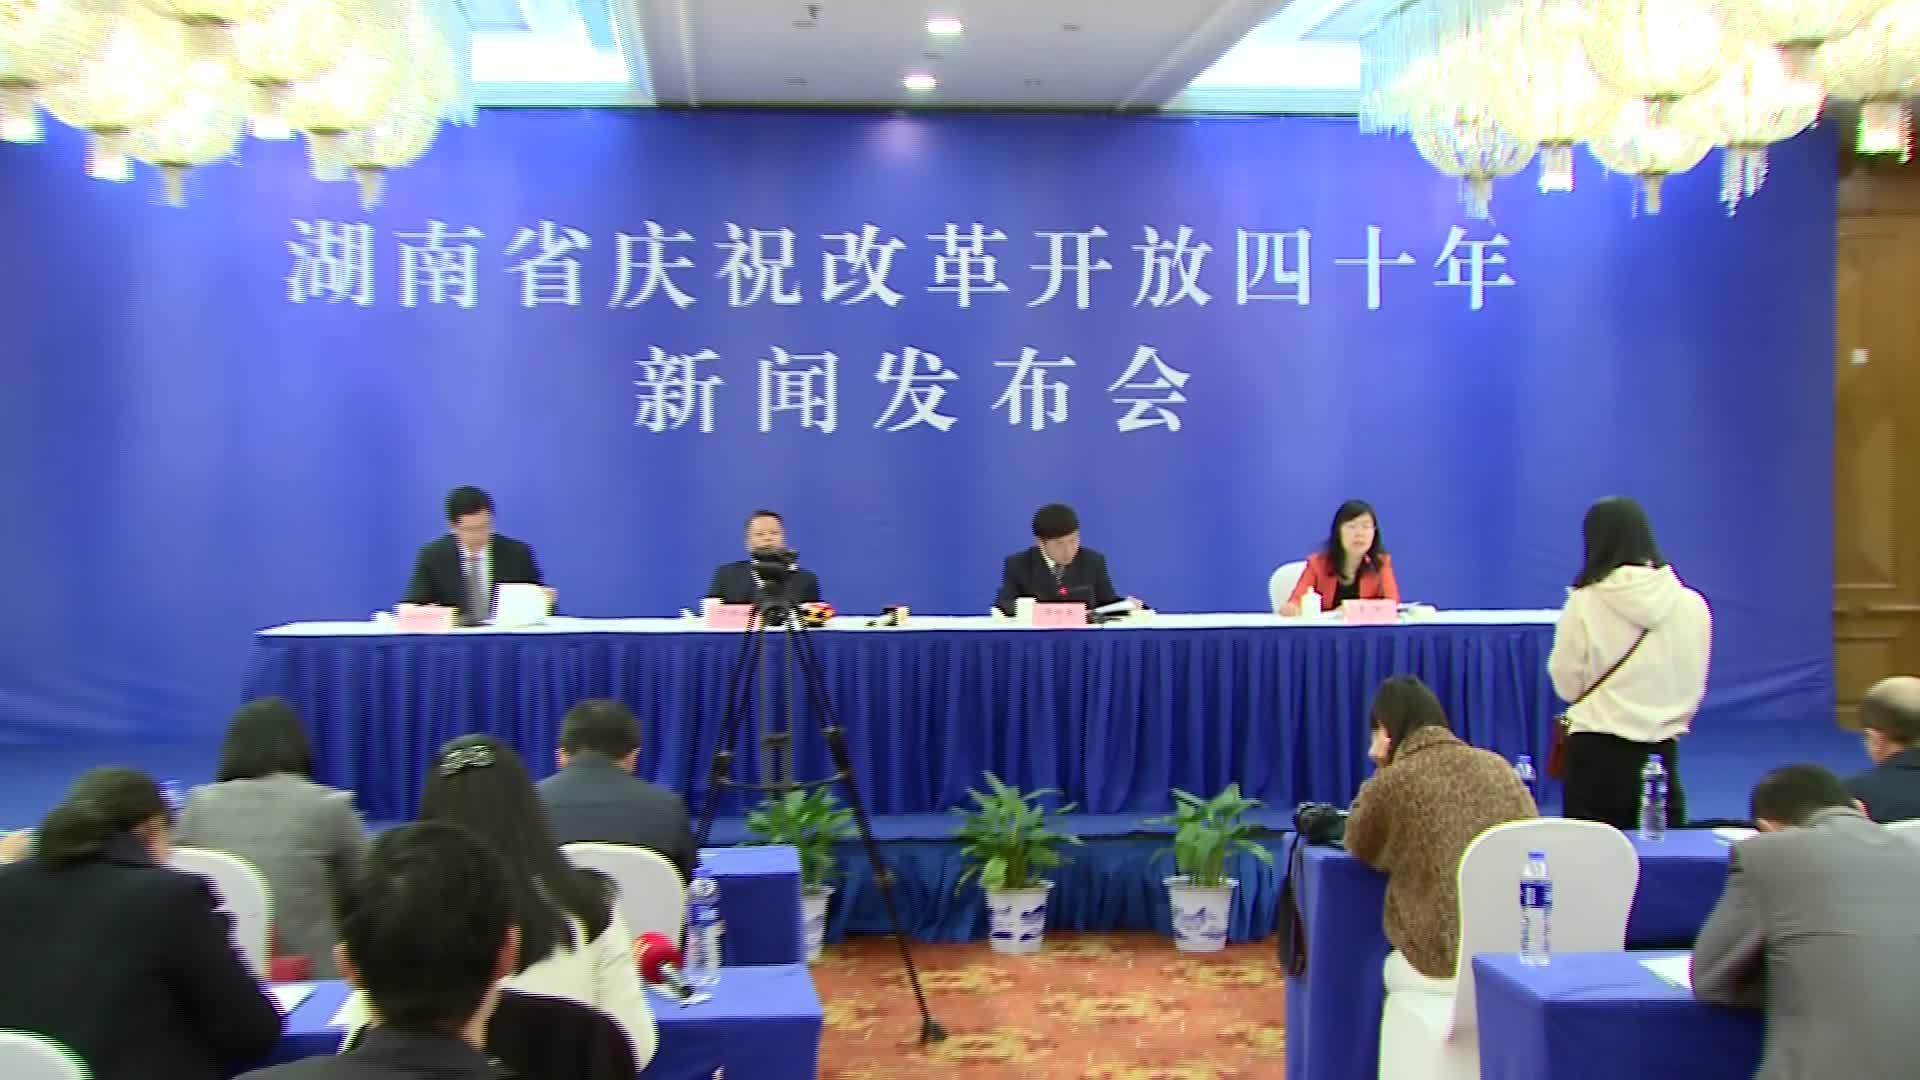 【全程回放】湖南省庆祝改革开放四十年系列新闻发布会:全省科技改革创新发展成就